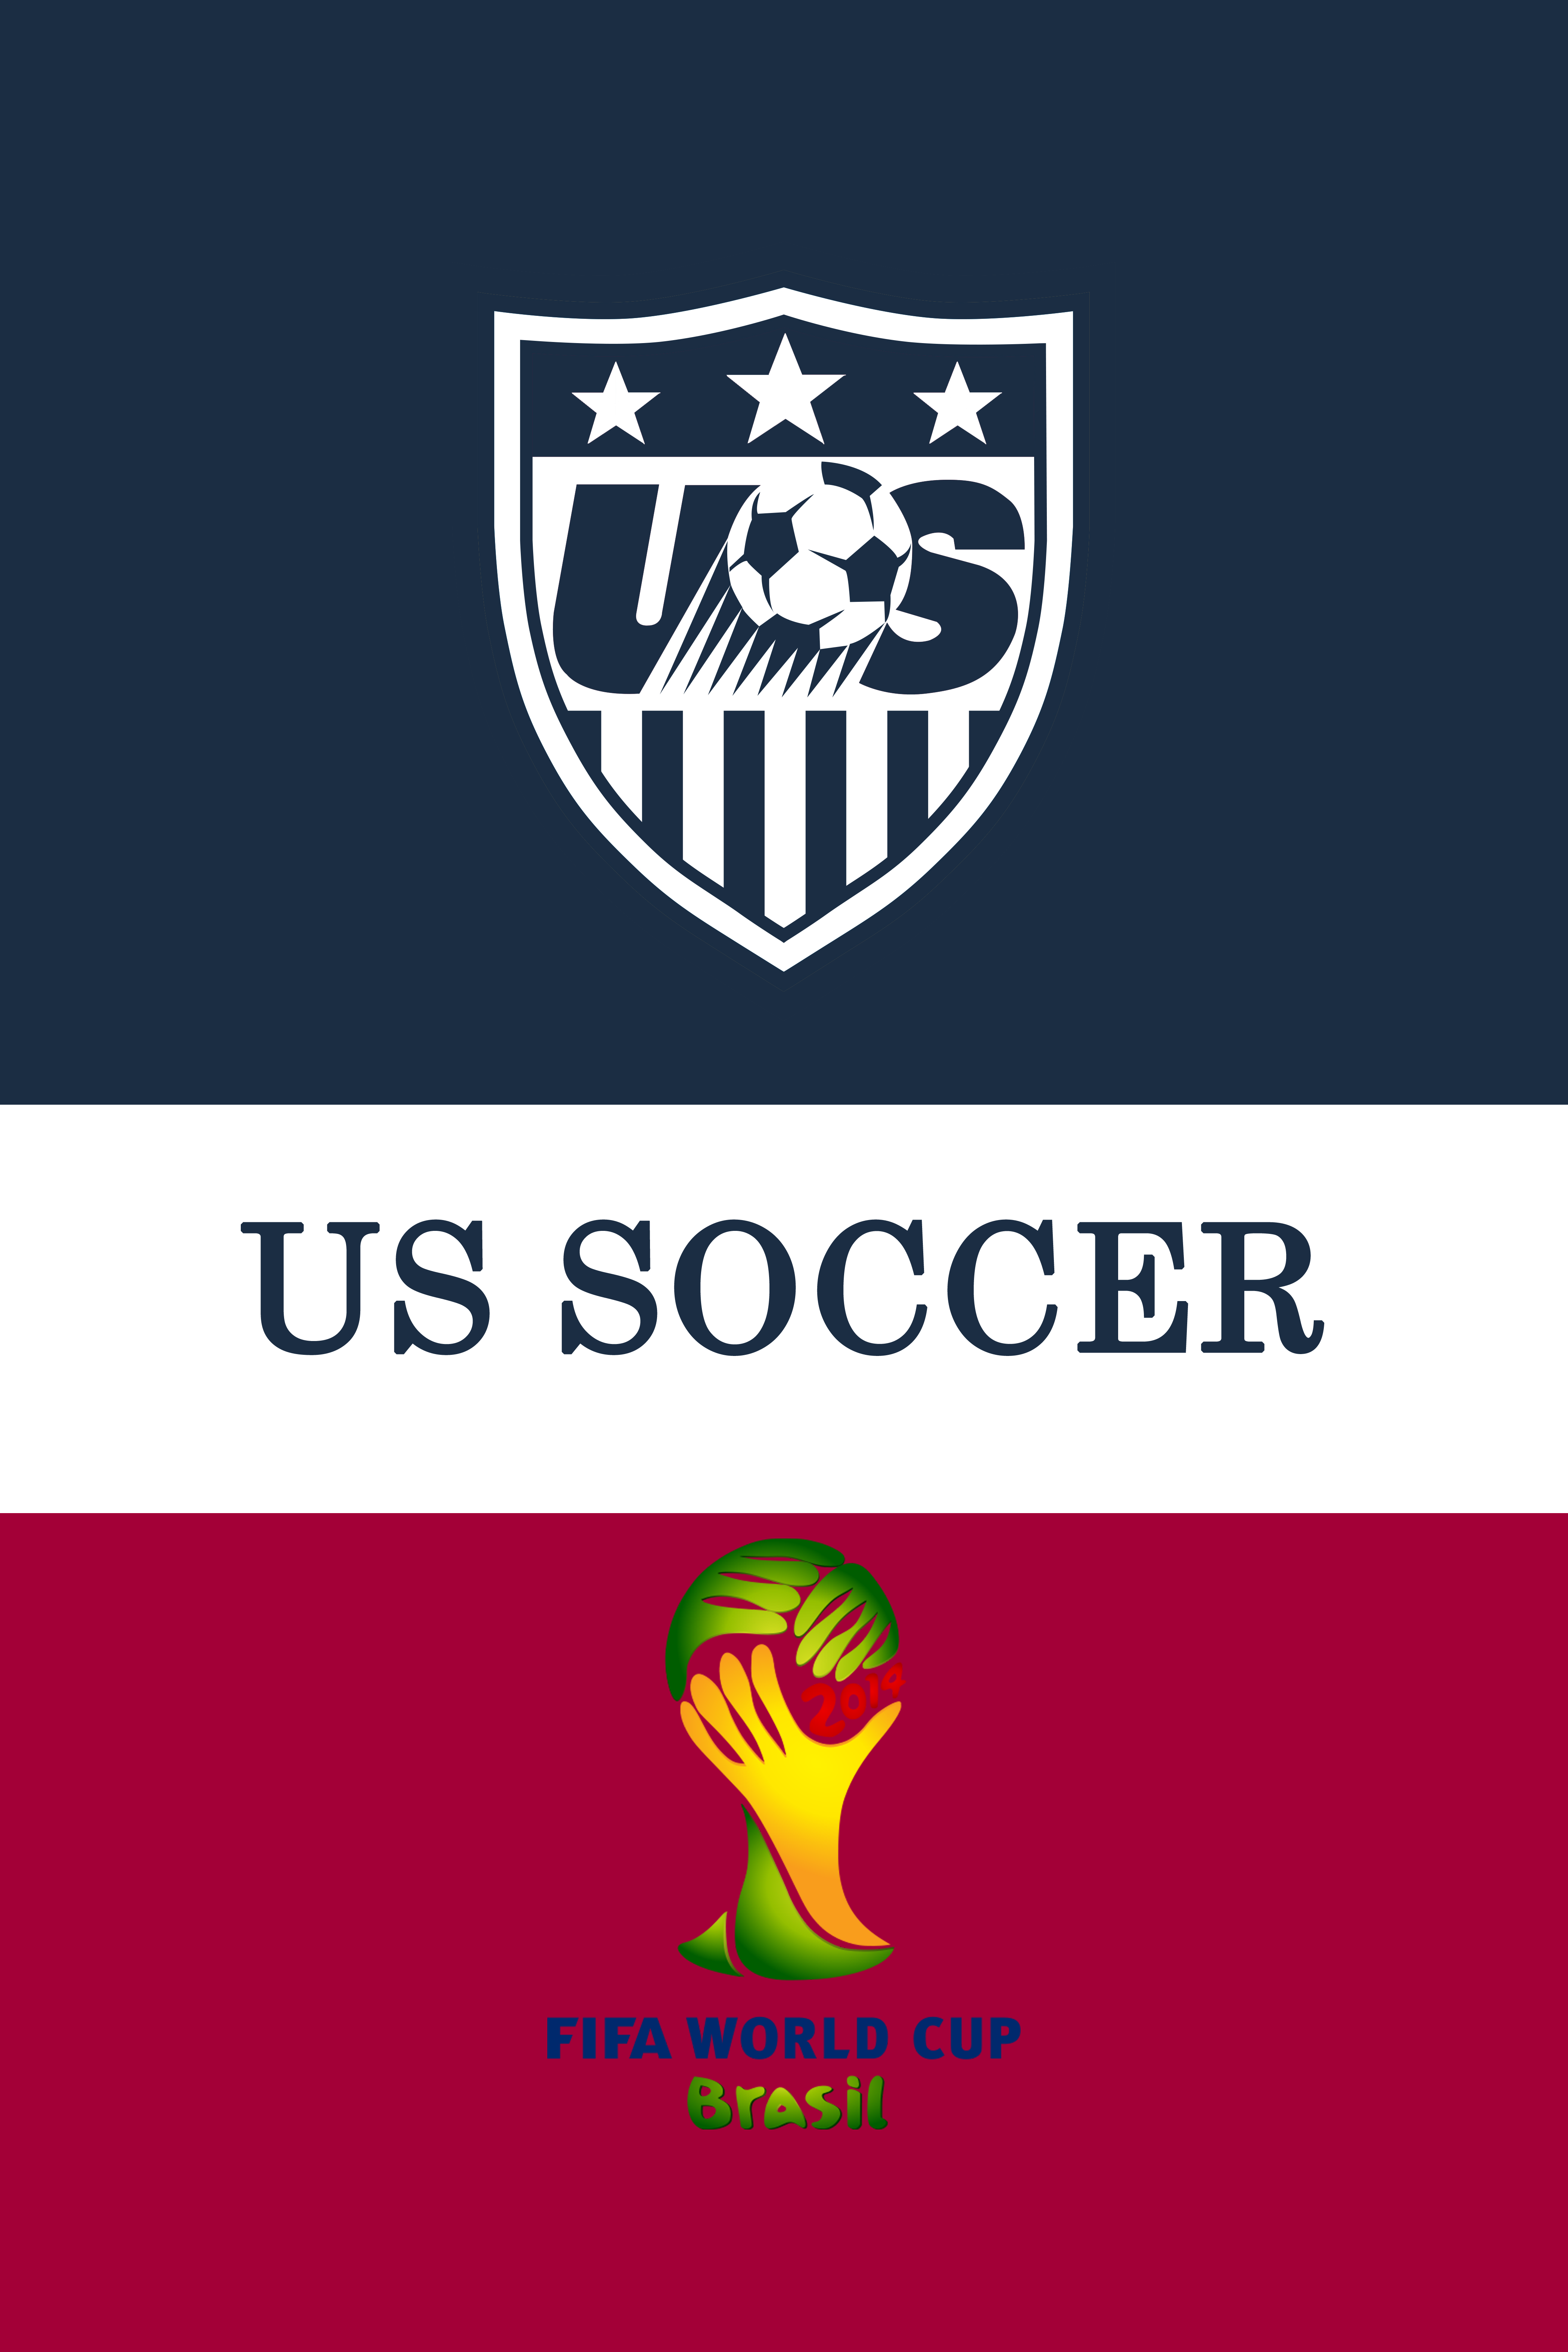 usa soccer iphone wallpaper wallpaper 2jpg 4200x6300